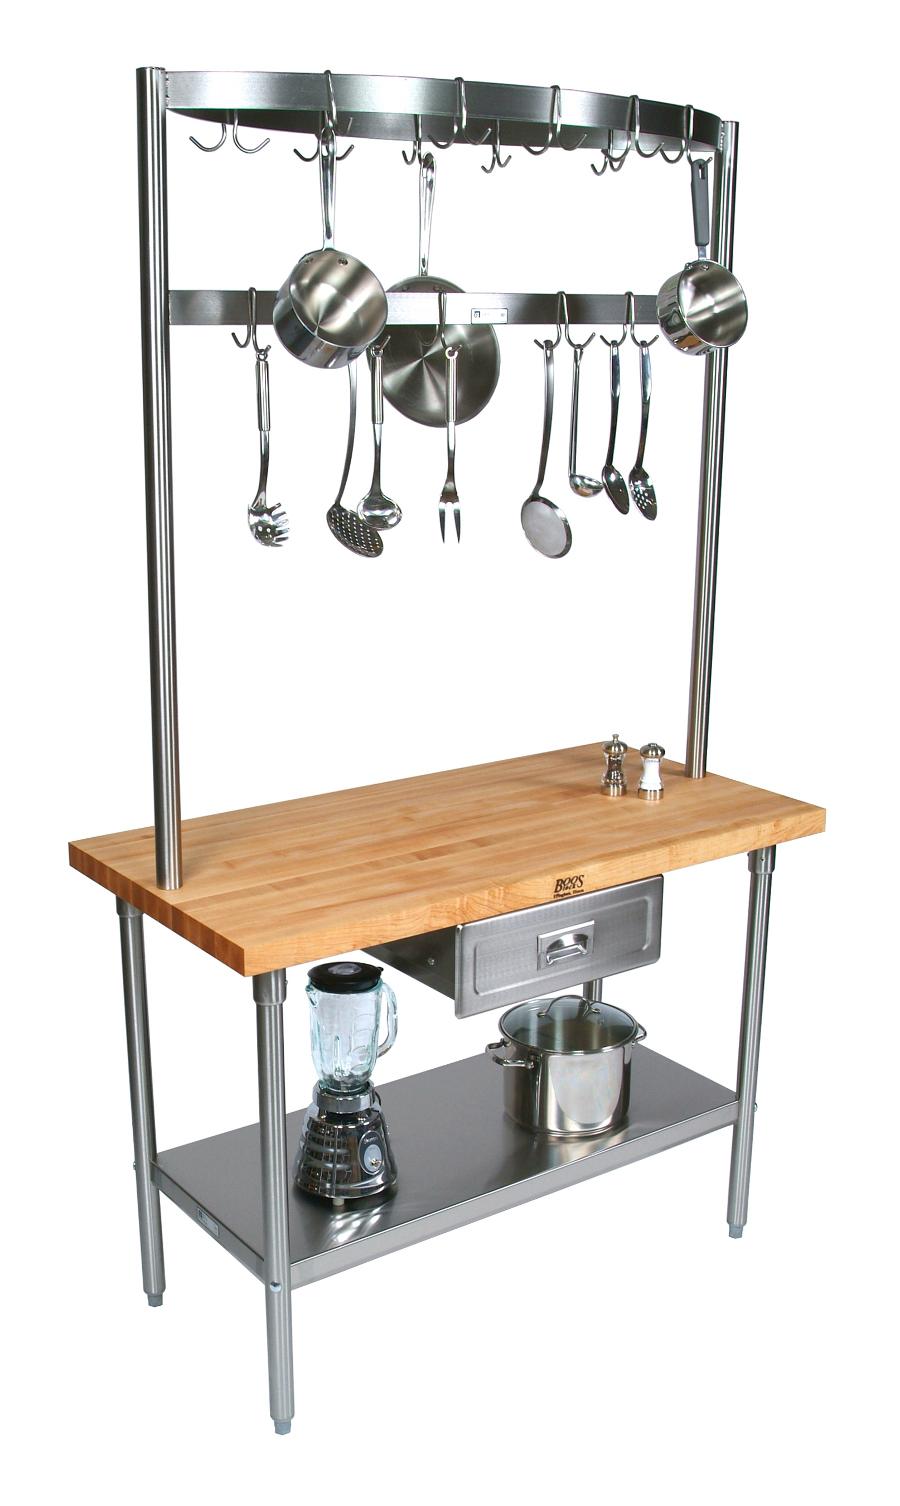 Boos Cucina Grandioso Prep Table, Optional Pot Rack